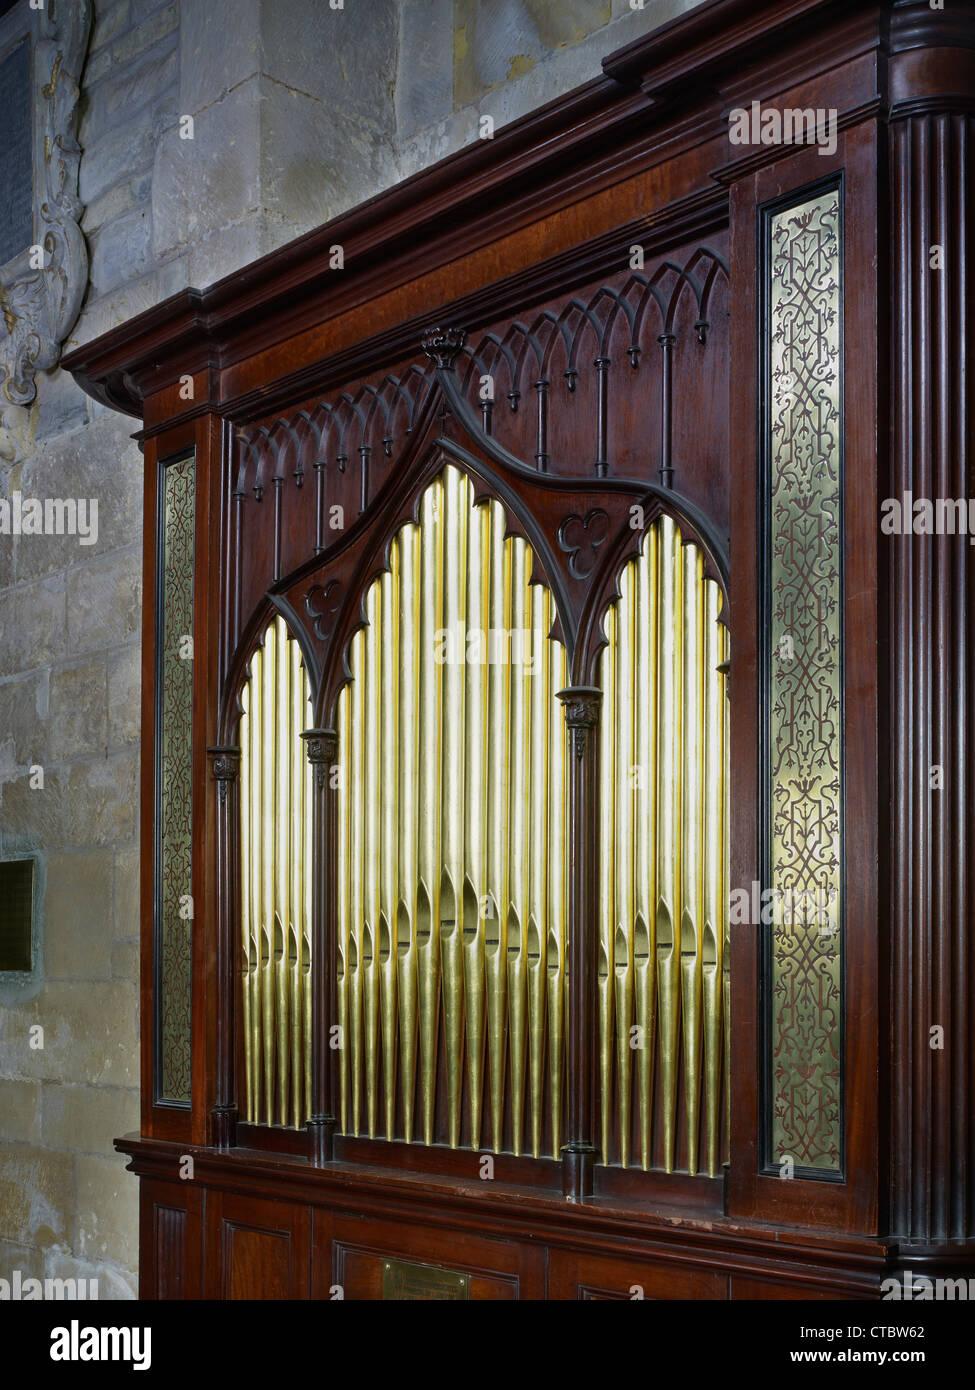 La Abadía de Tewkesbury, pequeño órgano del siglo XVIII. Imagen De Stock